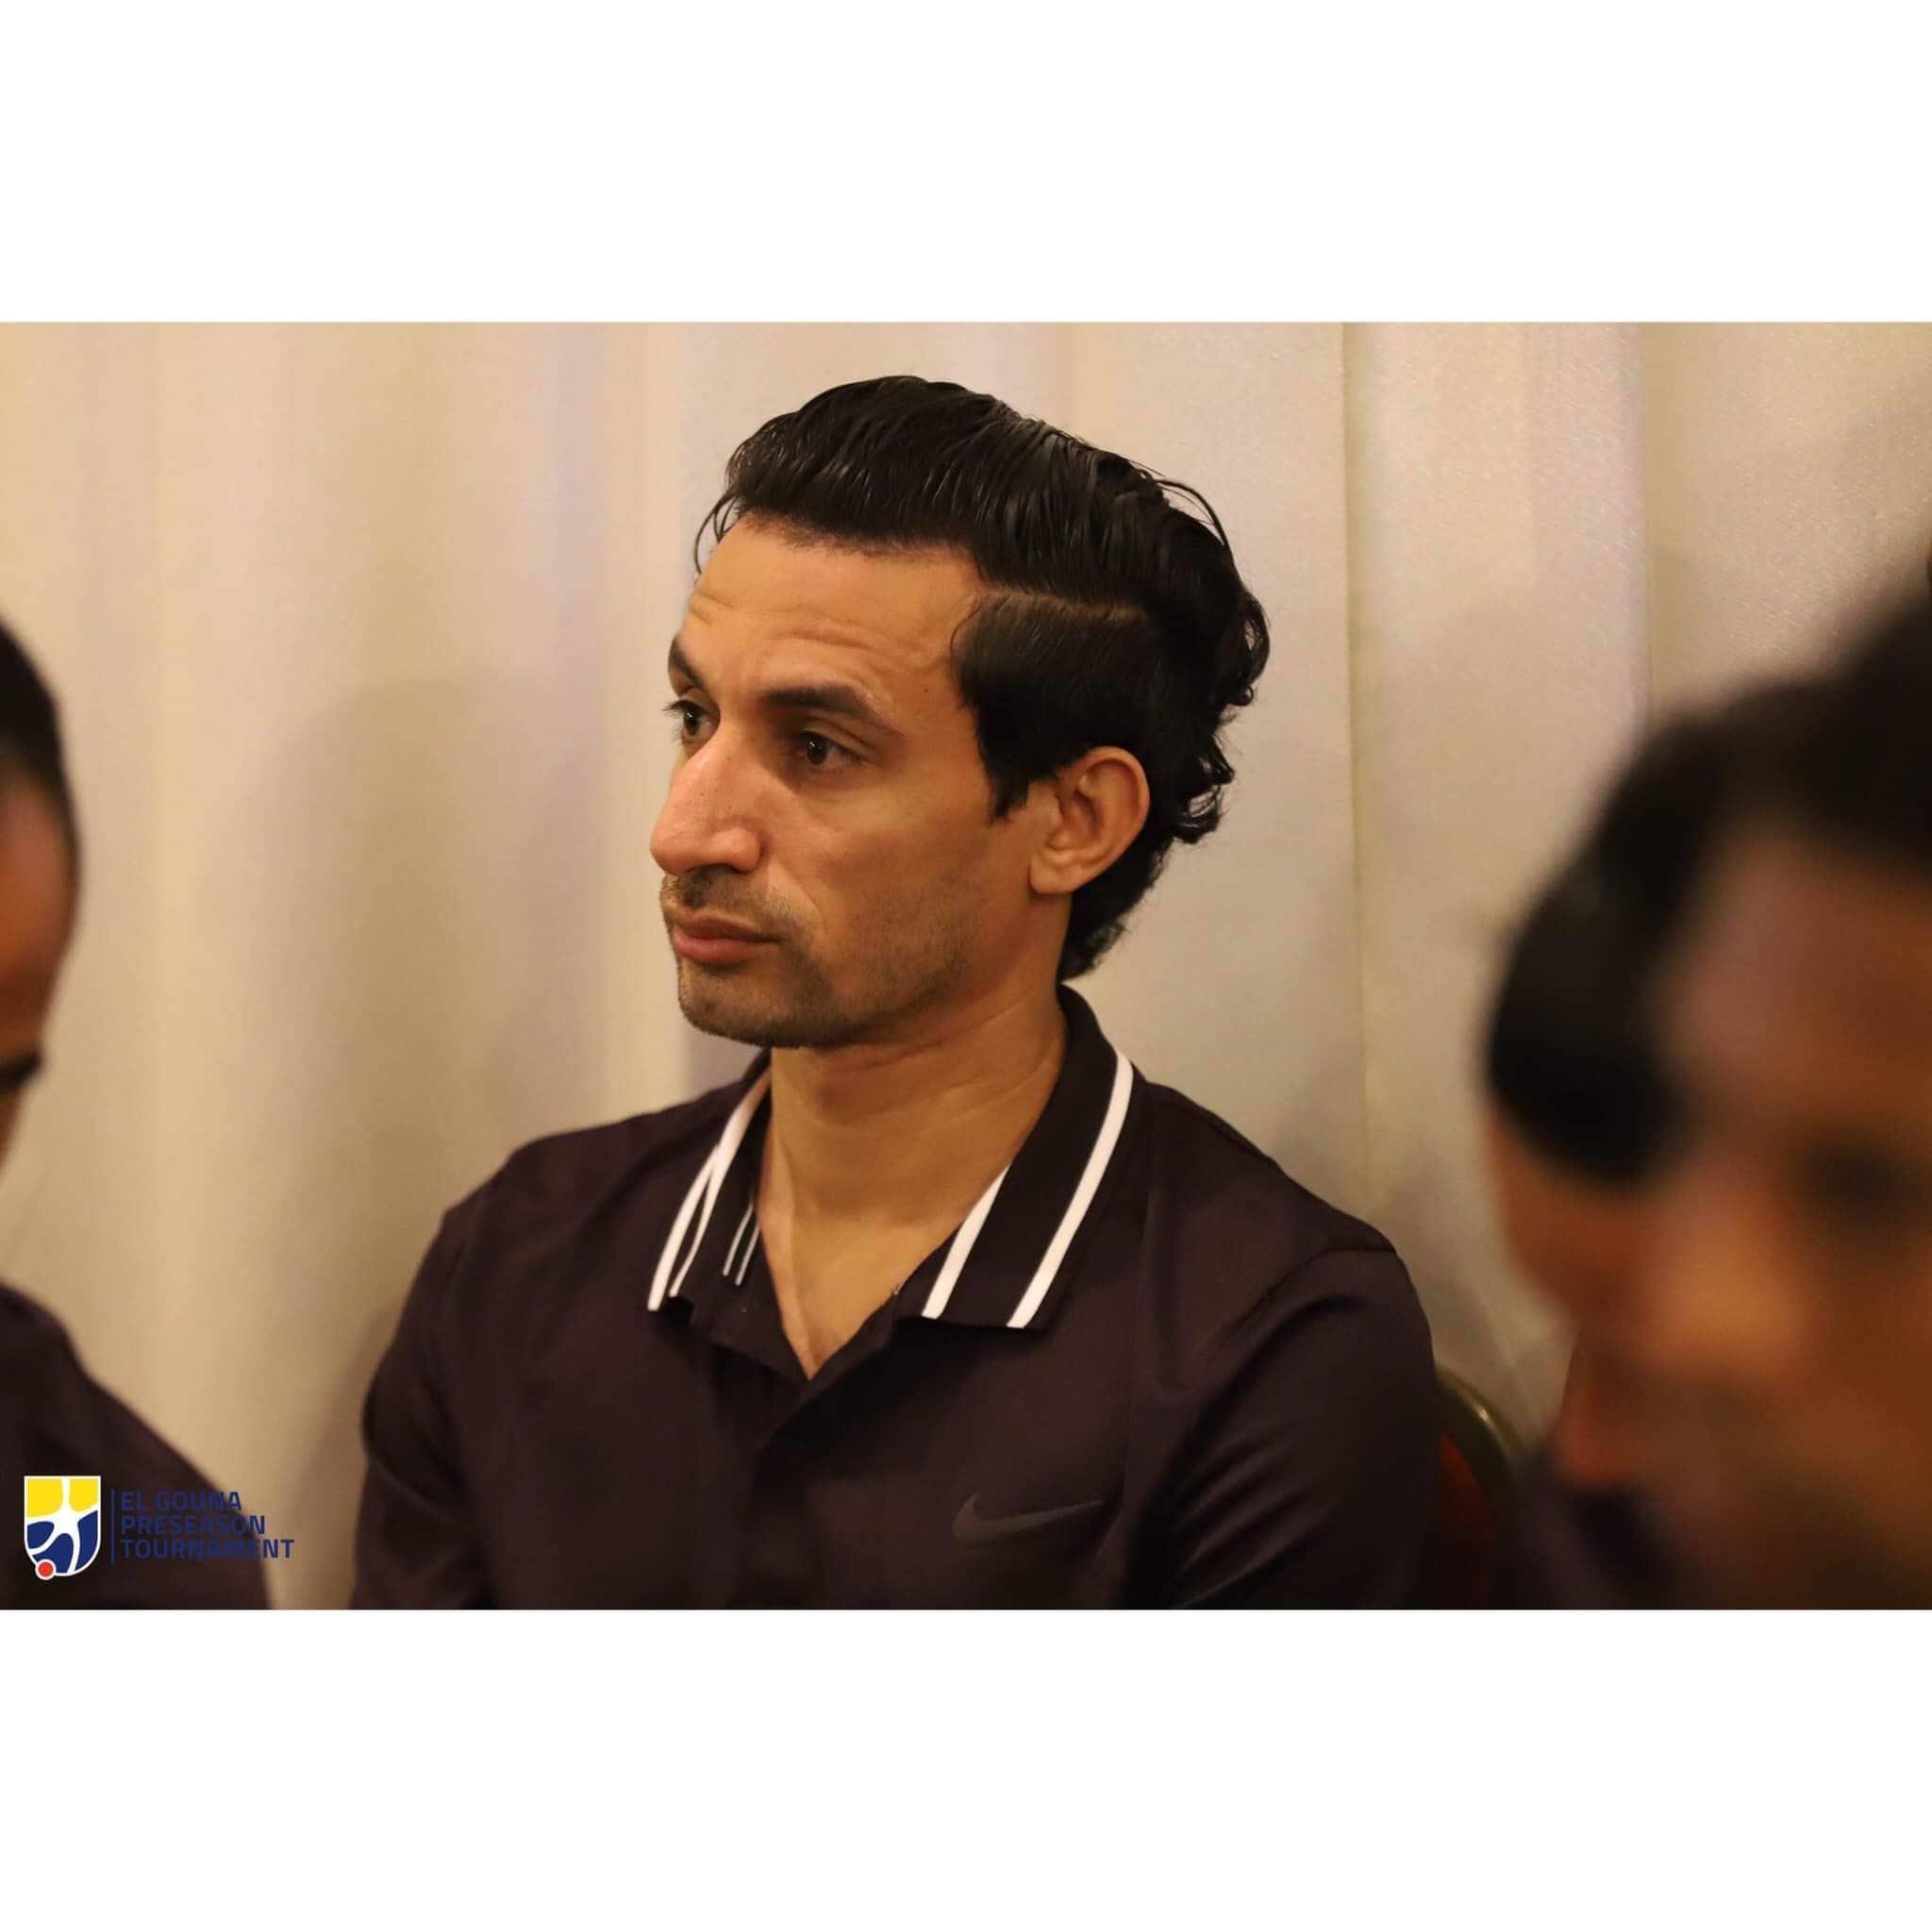 أيمن حفني ومحمد إبراهيم في الاجتماع الترحيبي ببطولة الجونة الرباعية